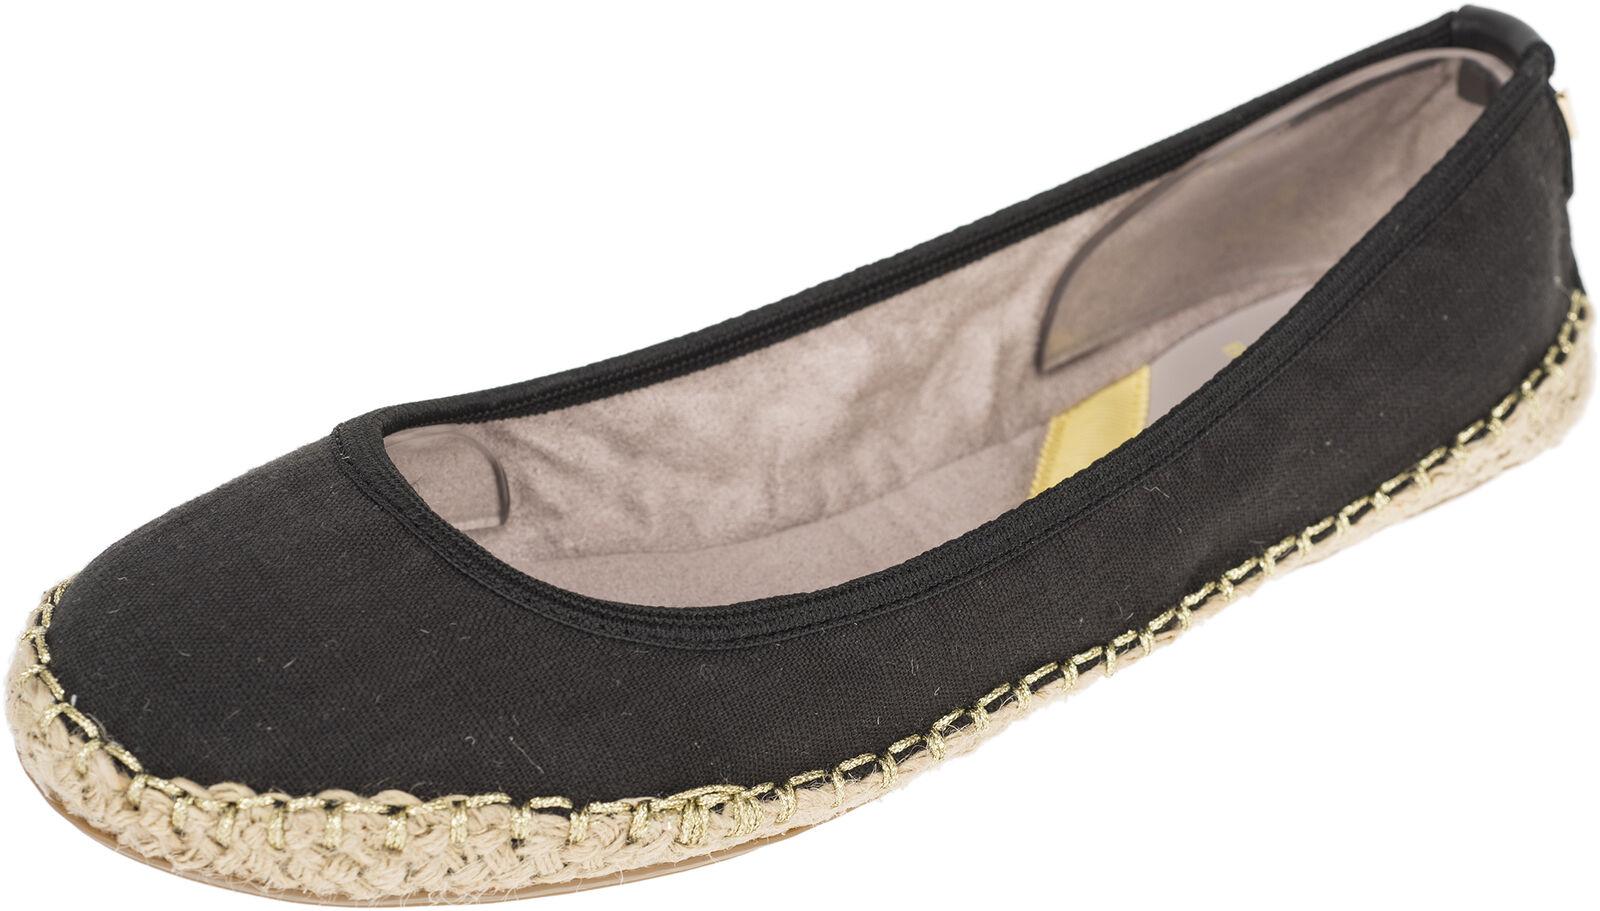 Los últimos zapatos de descuento para hombres y mujeres Descuento por tiempo limitado Butterfly Twists GIGI Basic BLACK LINEN Jute Trim Flats BALLERINAS Rockabilly